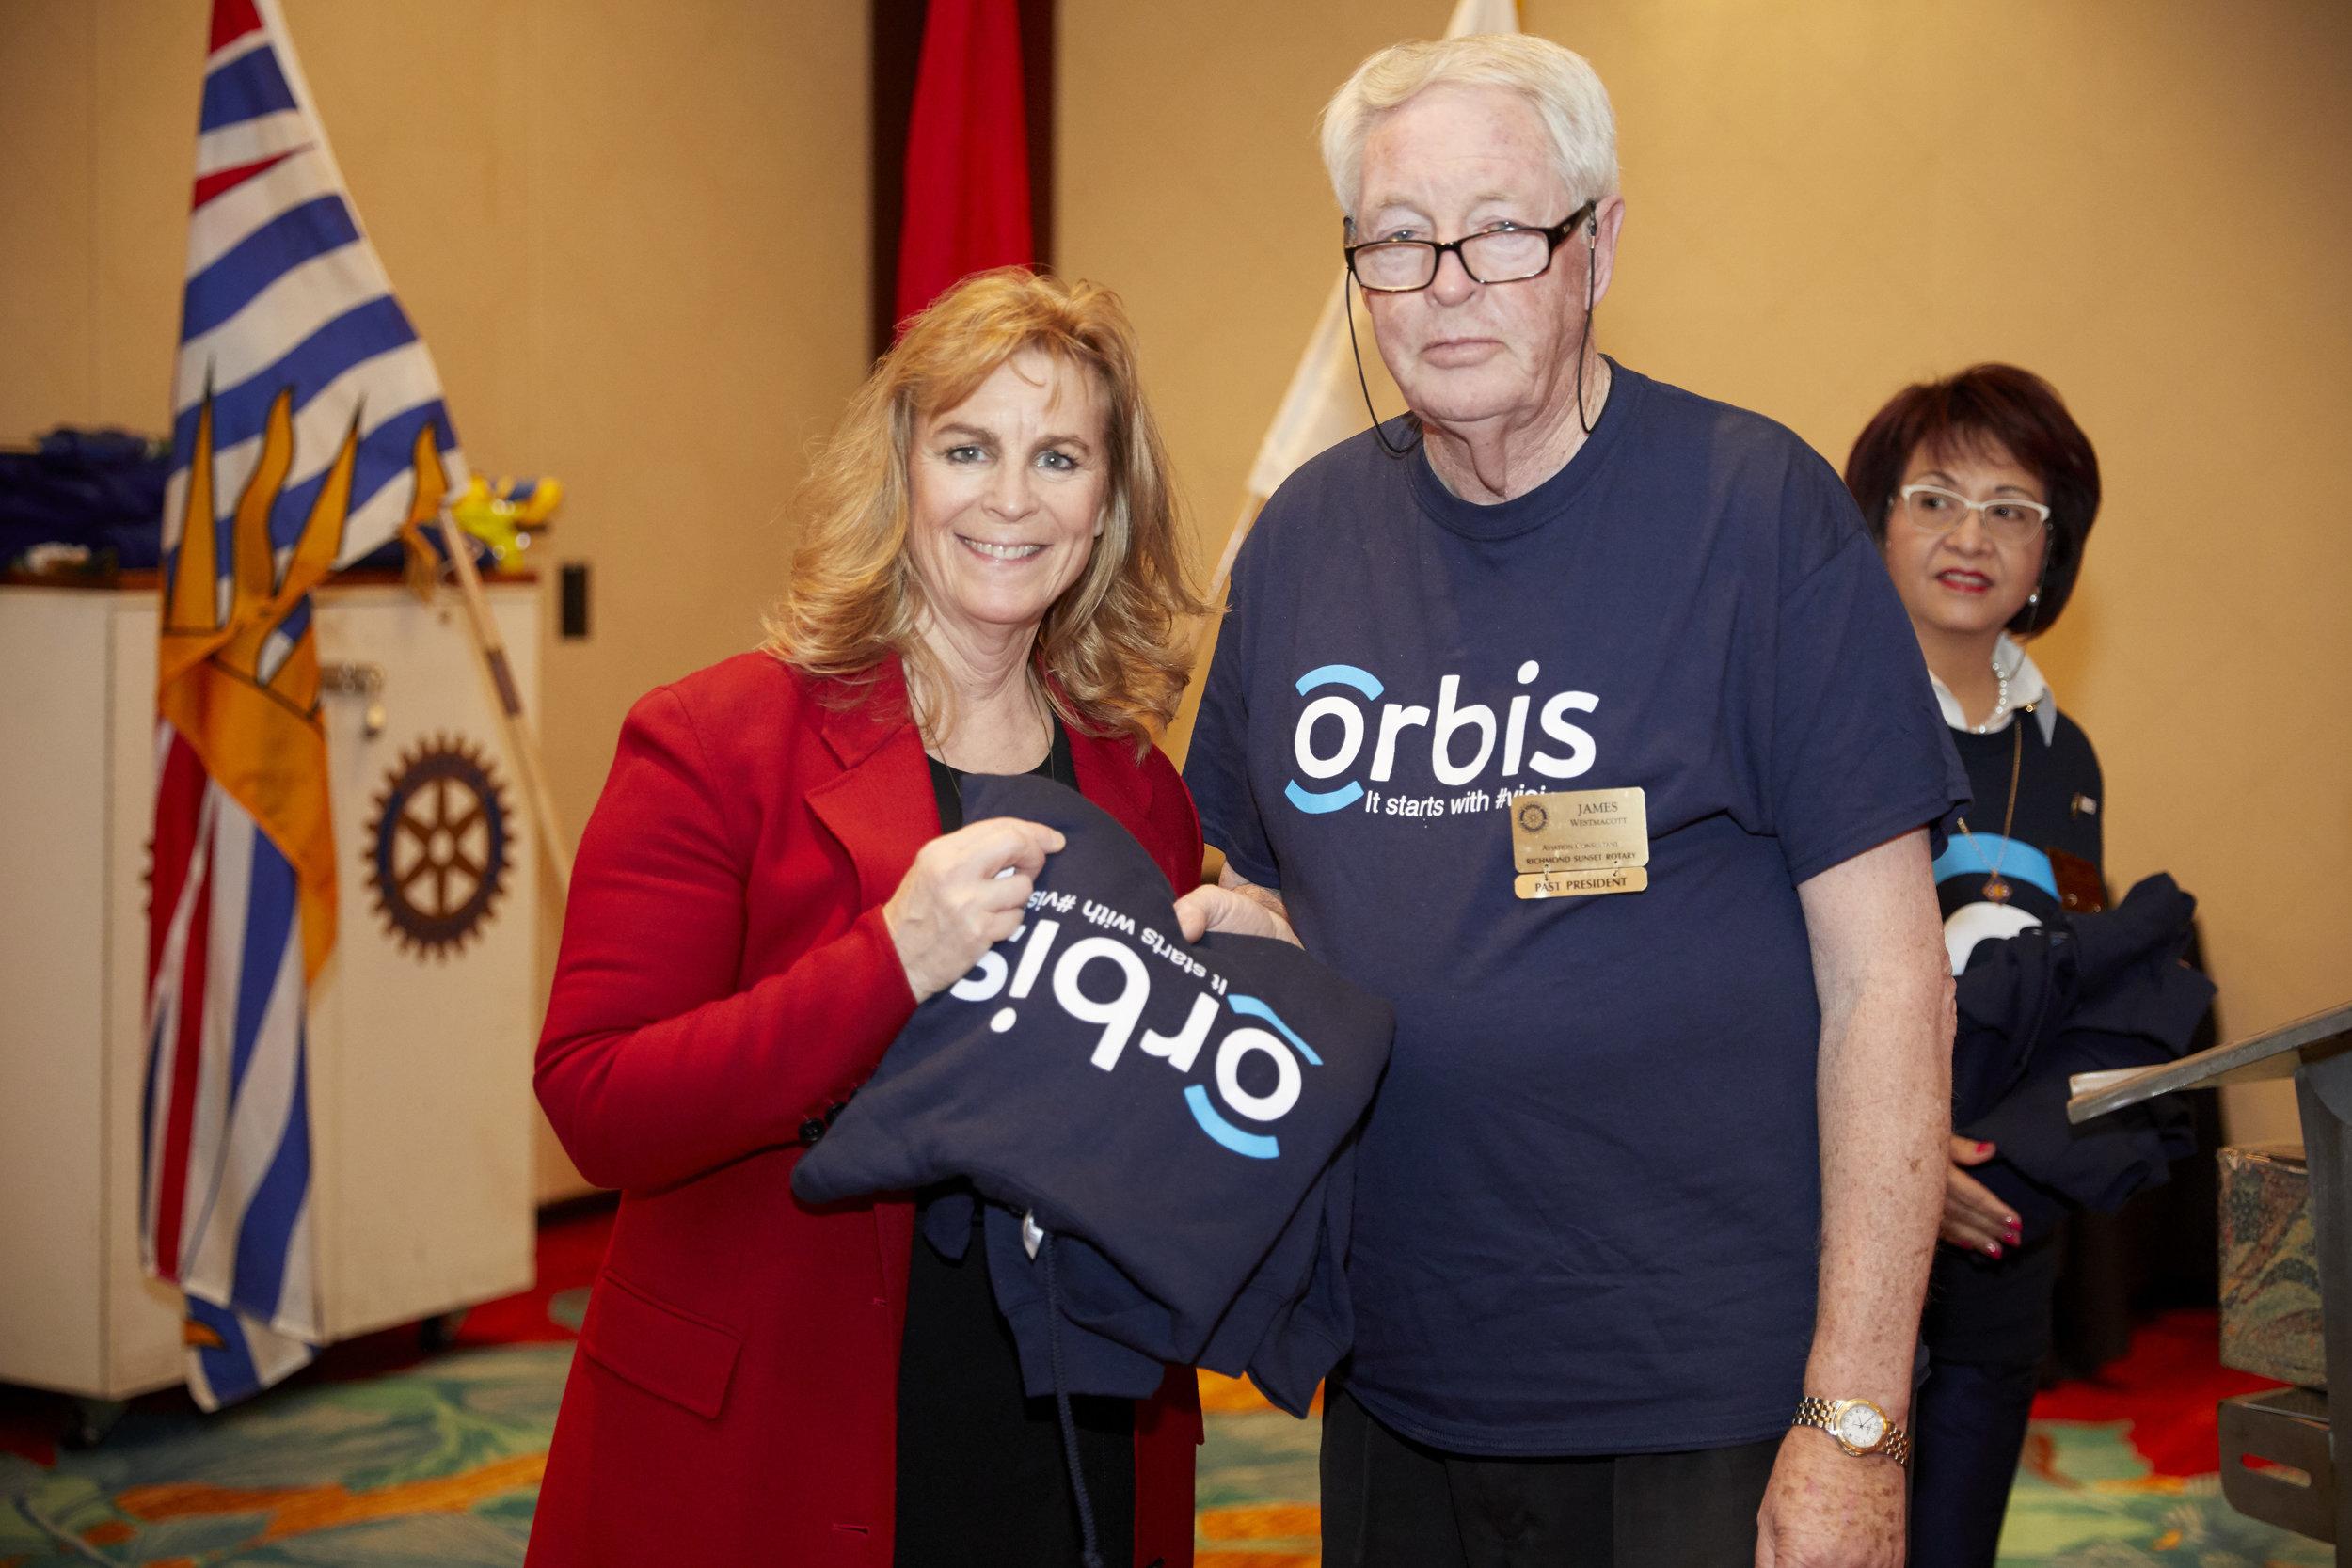 Rotary_Orbis_22_KJG_0098.jpg